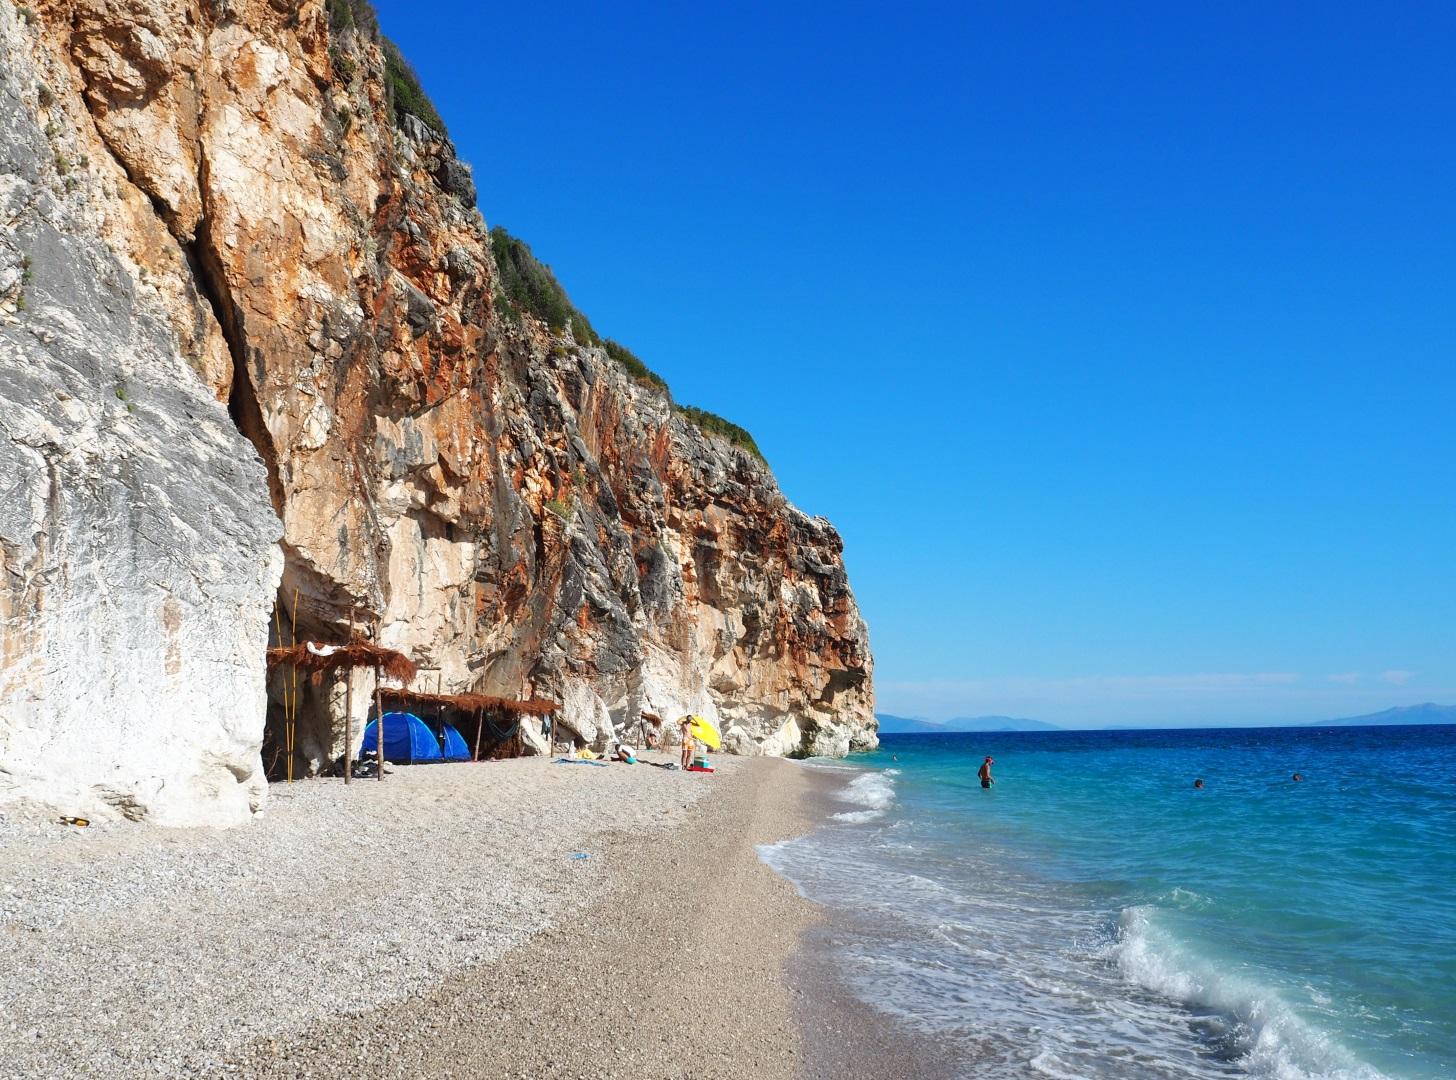 Visiter La plage de Gjipe - Albanie